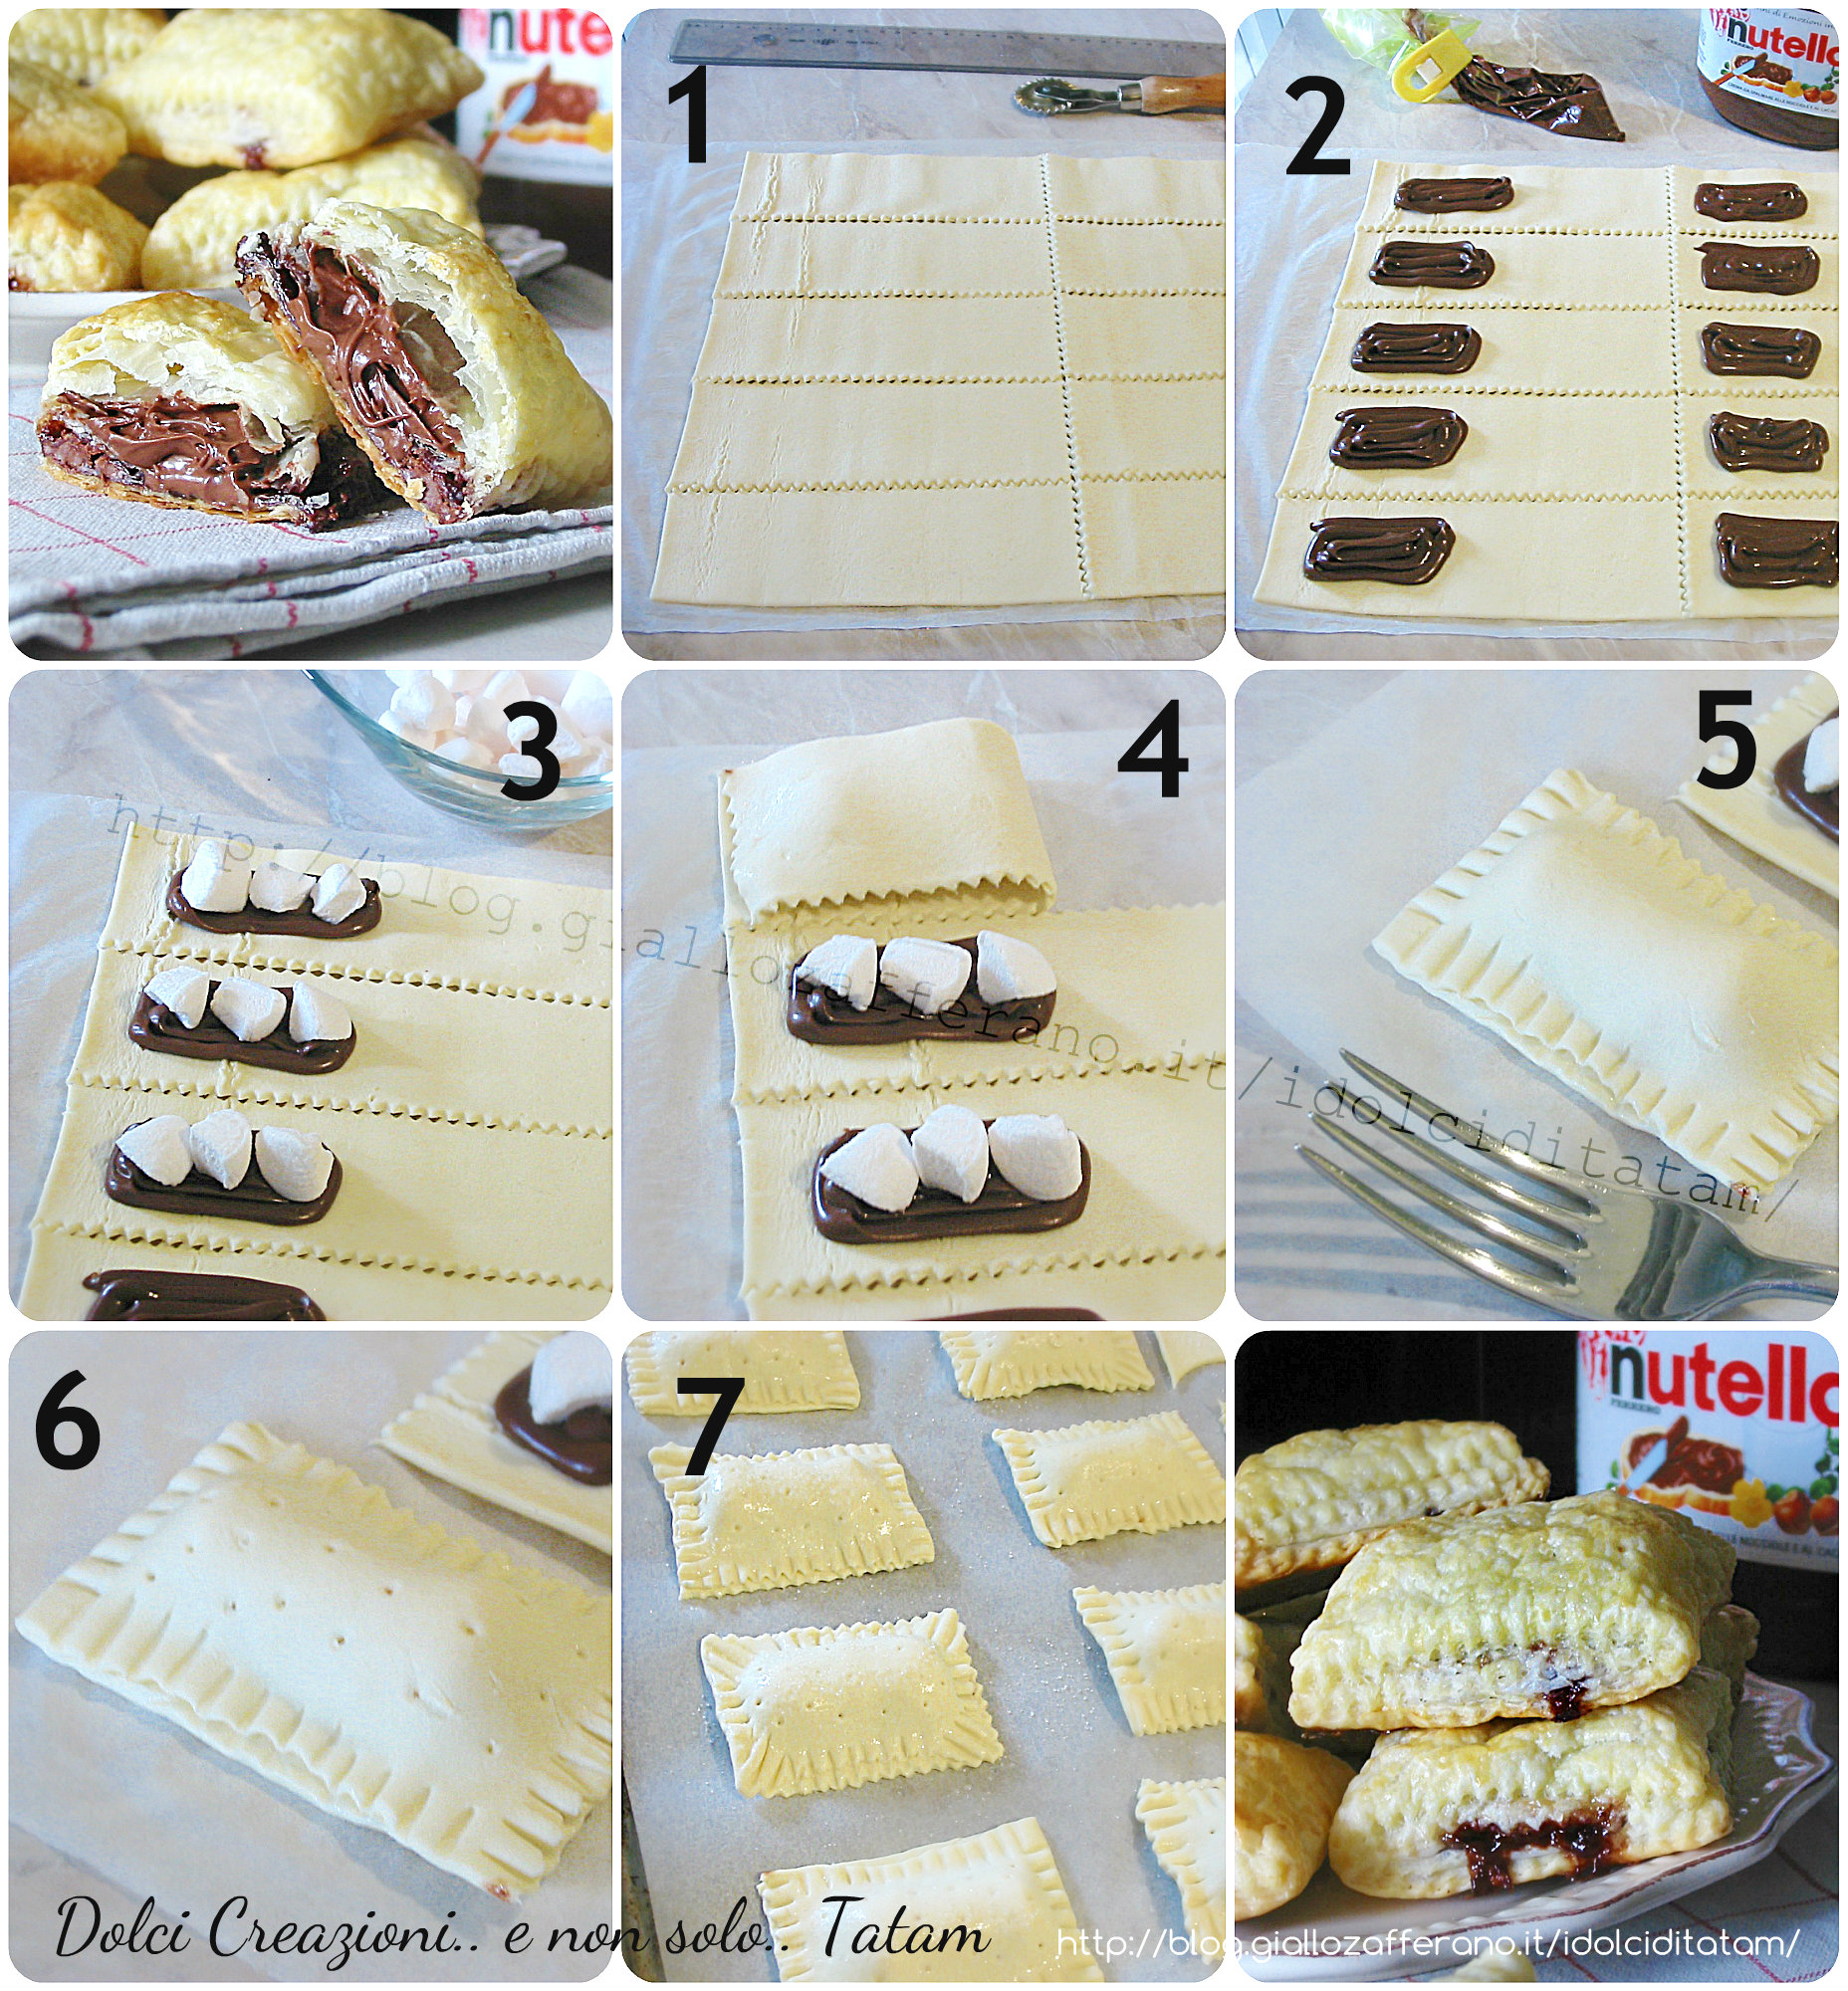 Saccottini ripieni di nutella e marshmallow